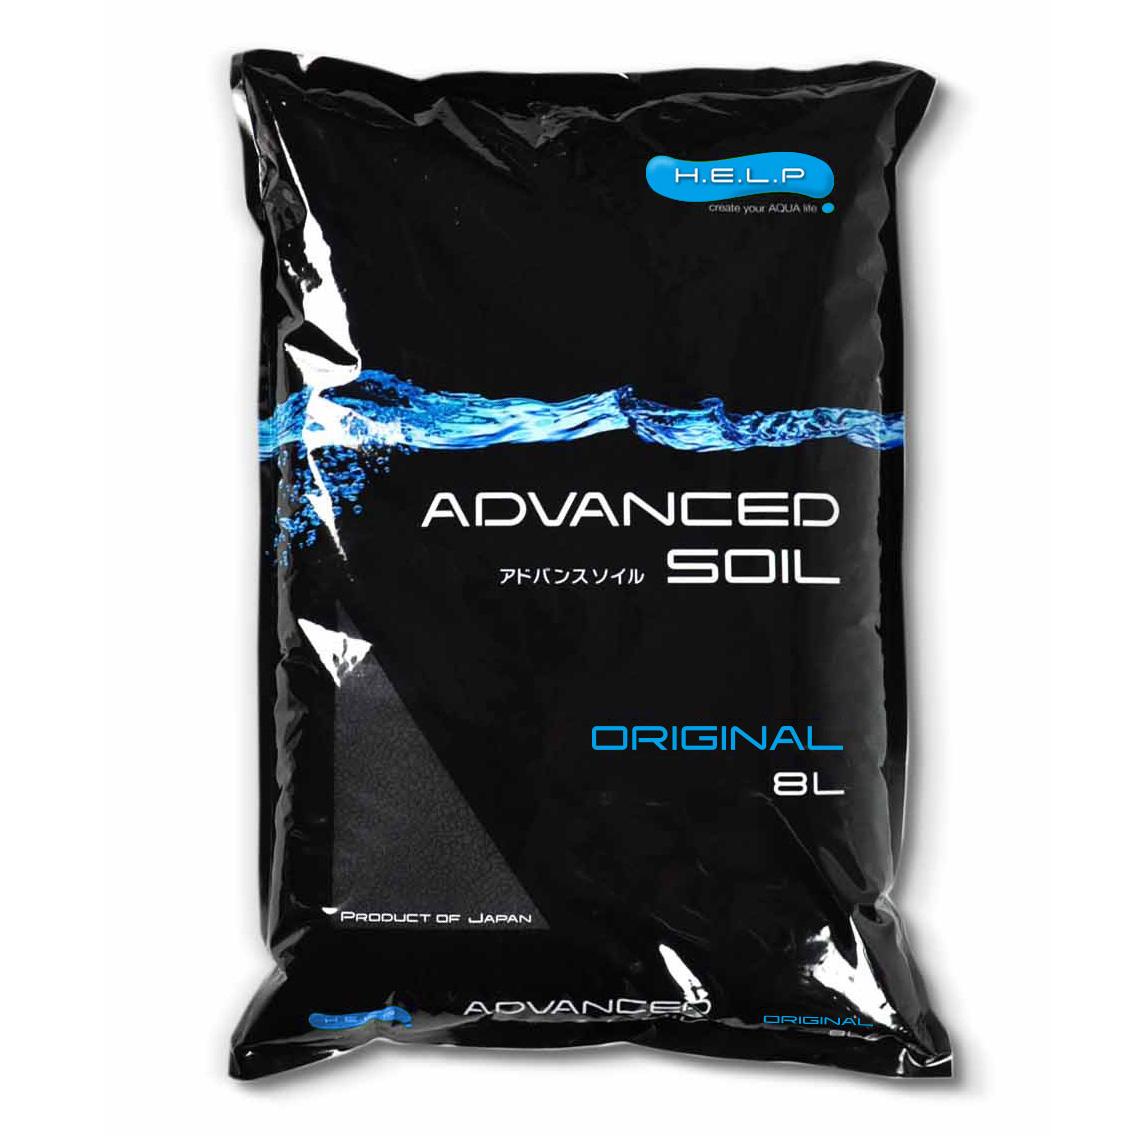 Aquael H.E.L.P Advanced Soil Orginal 8L